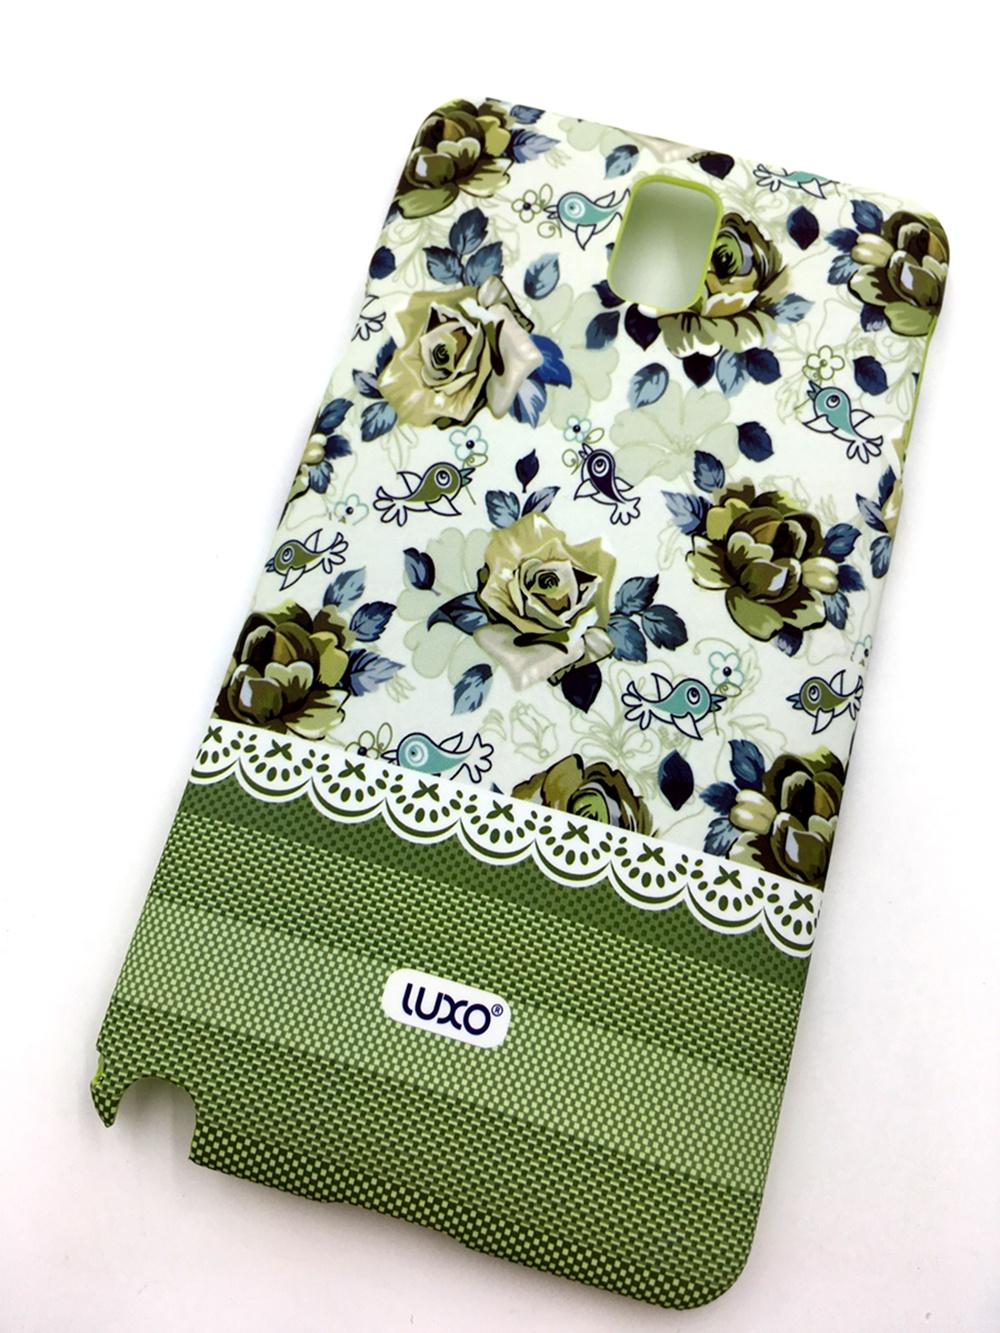 """Чехол для сотового телефона Мобильная мода Samsung Galaxy Note 3 Накладка пластиковая, нескользящее покрытие, """"LUXO"""", 10307, зеленый"""